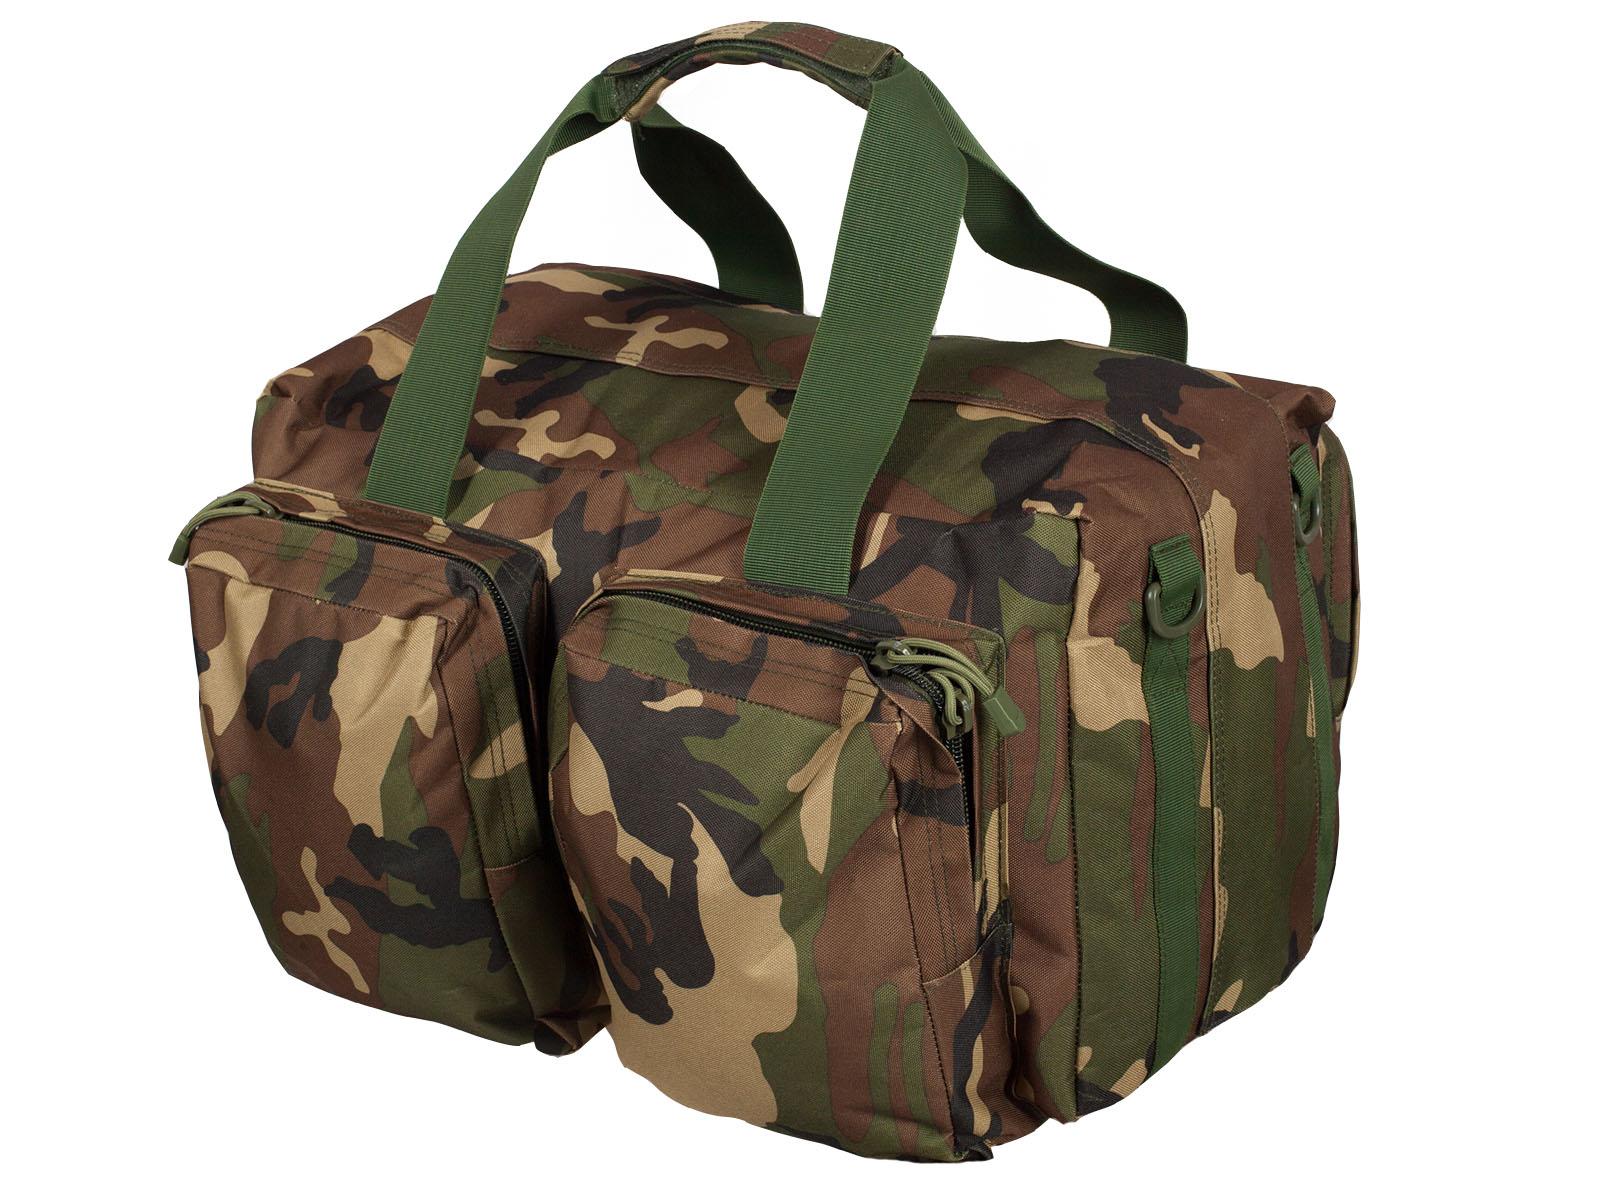 Заплечная дорожная сумка с нашивкой Ни пуха, Ни пера - заказать онлайн